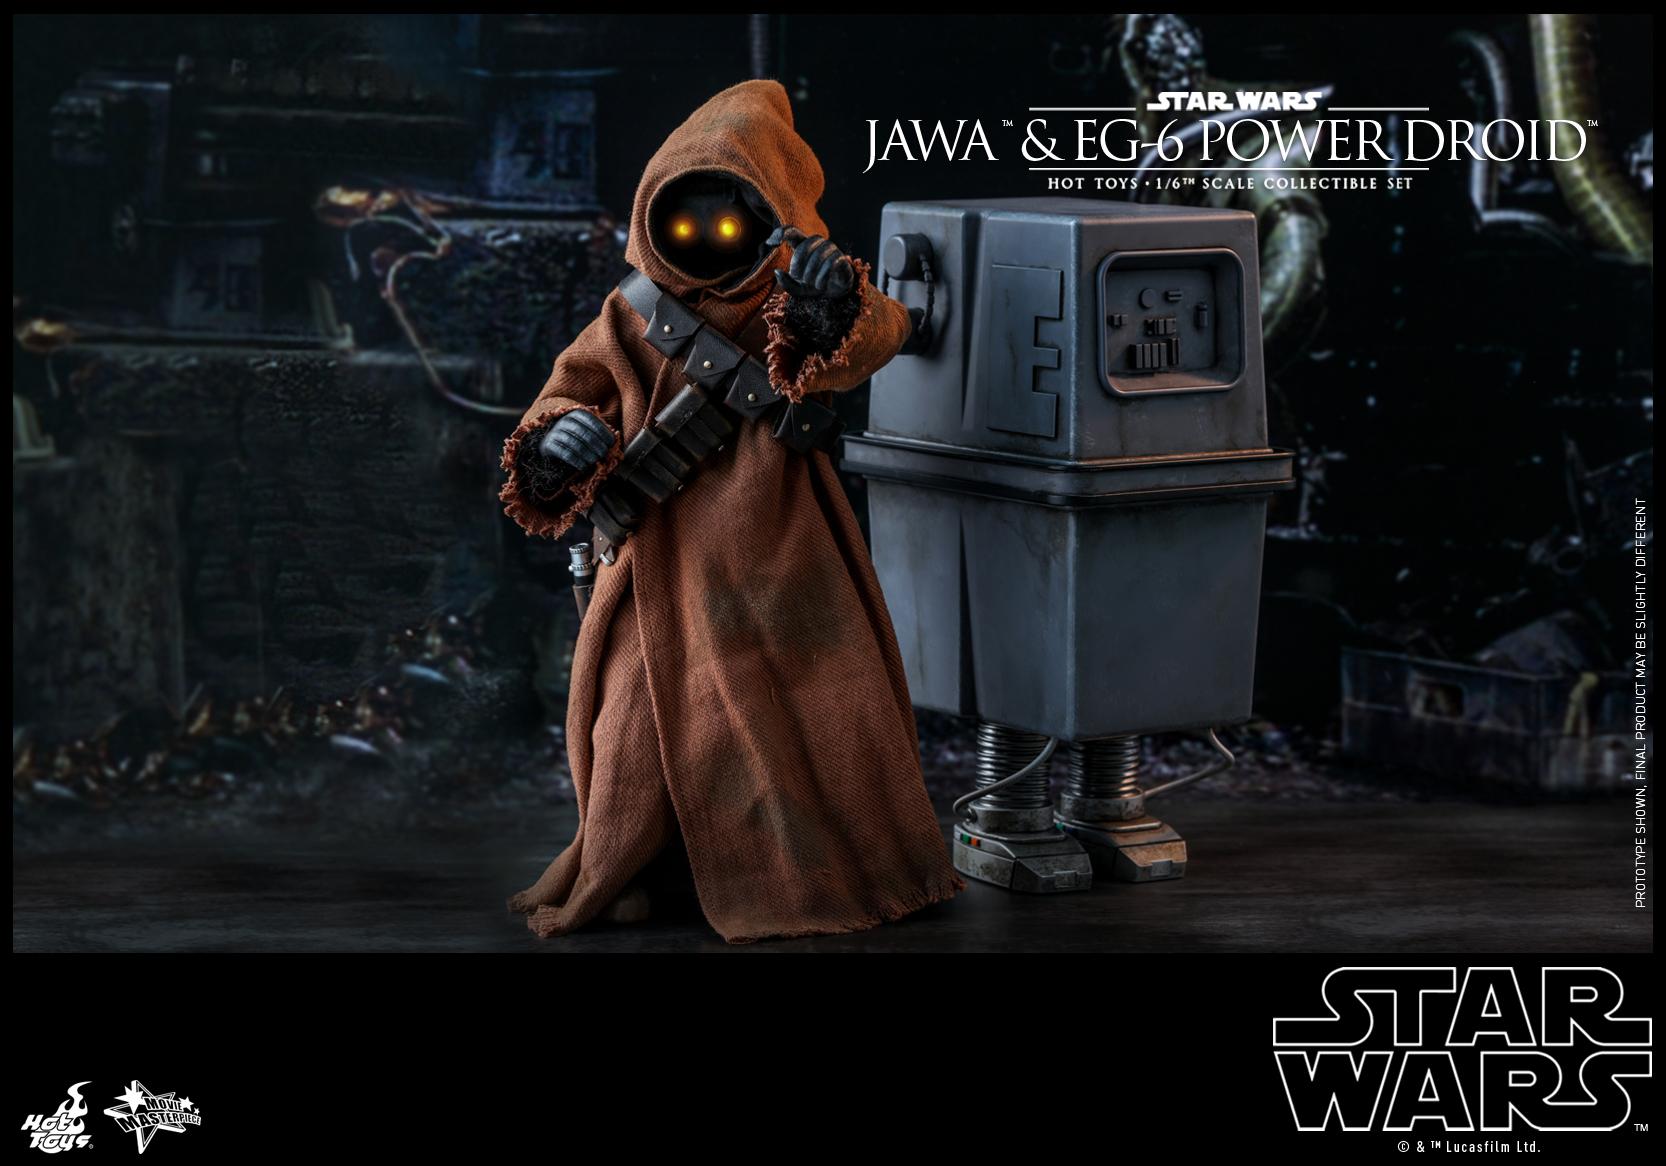 Hot Toys - Star Wars Epi 4 - Jawa & EG-6 Power Droid - PR13